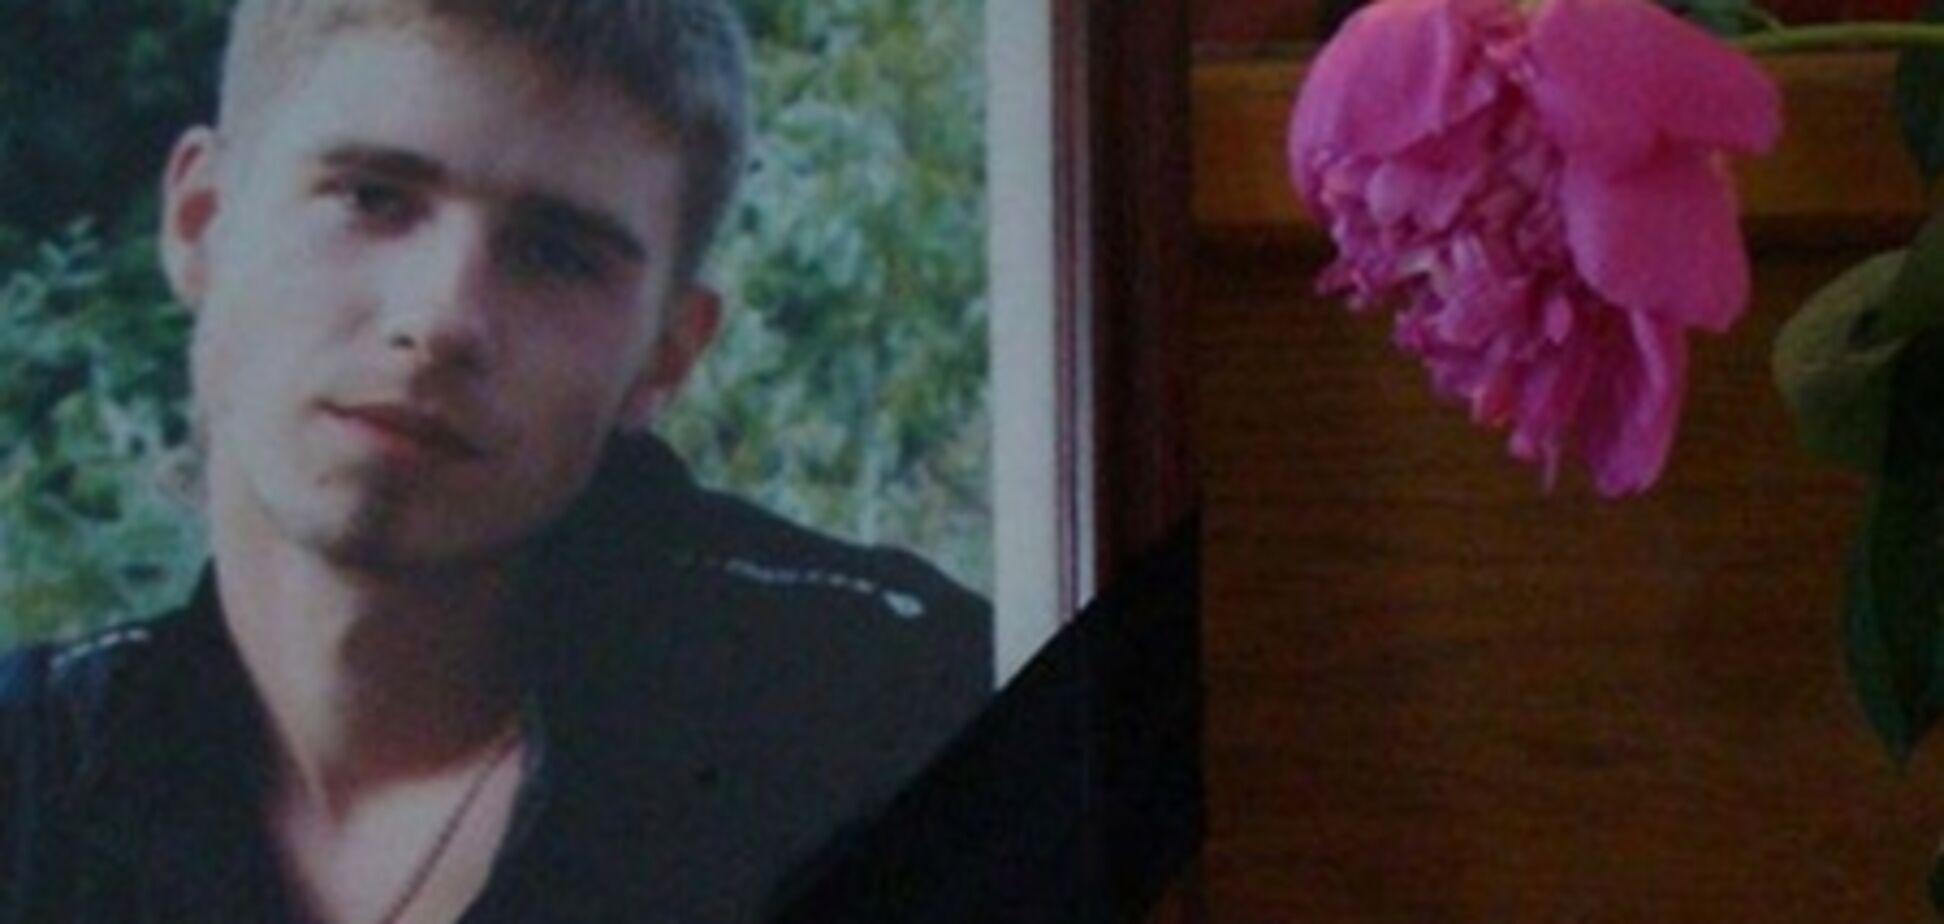 Смерть студента Индыло в РОВД: шокирующее видео  камер наблюдения